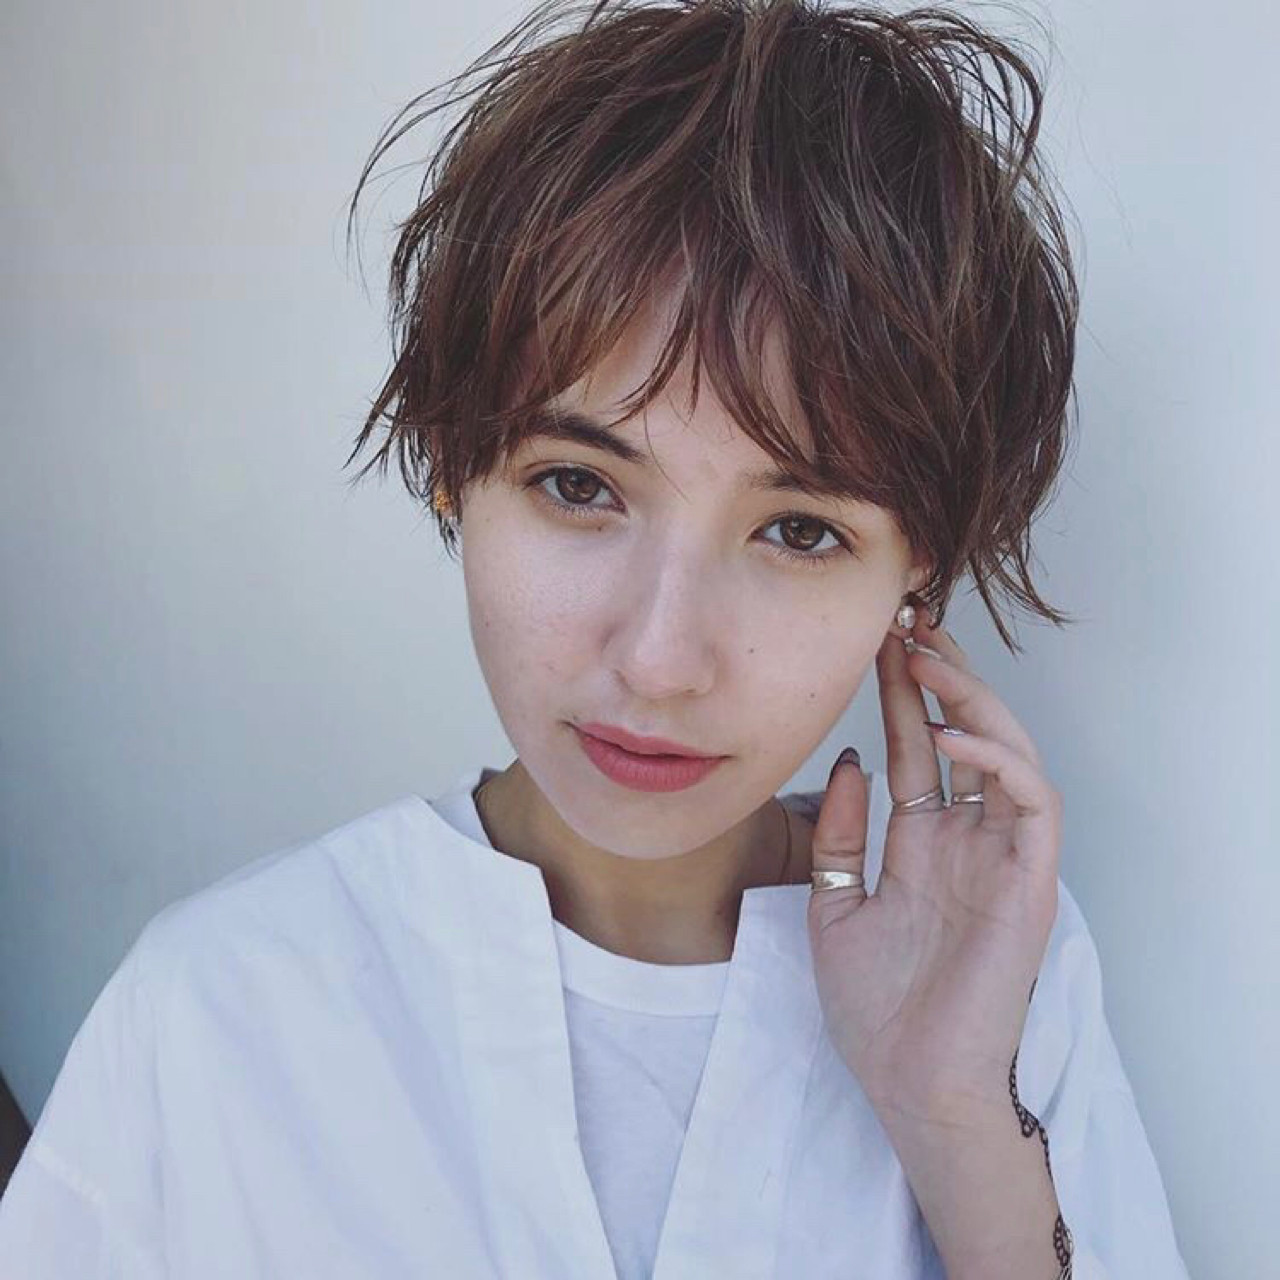 くせ毛感が魅力のベリーショート♡30代&40代にもおすすめスタイル!